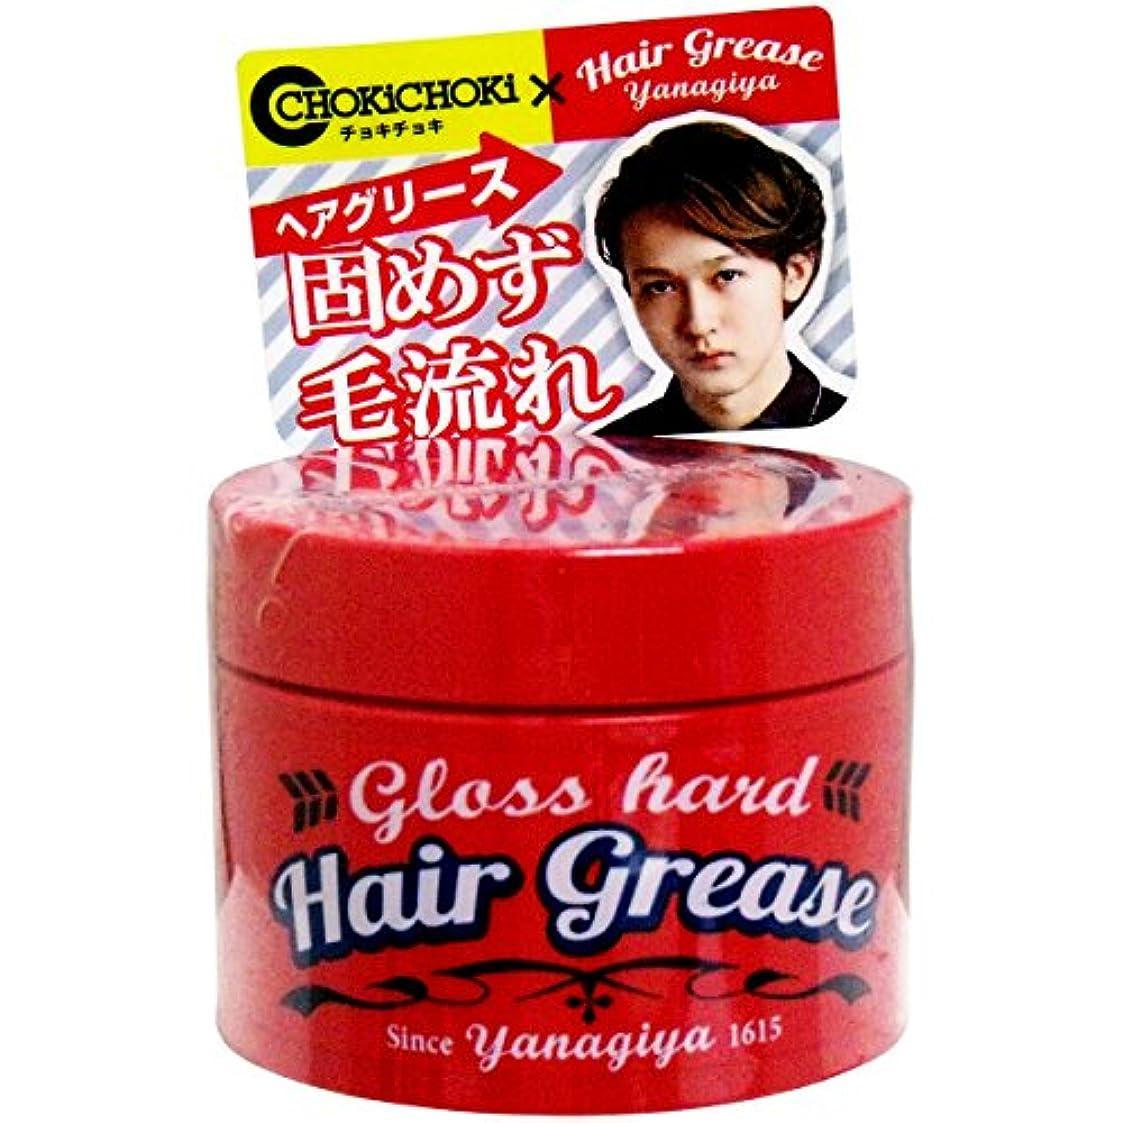 長くするモッキンバード義務的ヘアワックス 固めず毛流れ 使いやすい YANAGIYA ヘアグリース グロスハード 90g入【5個セット】